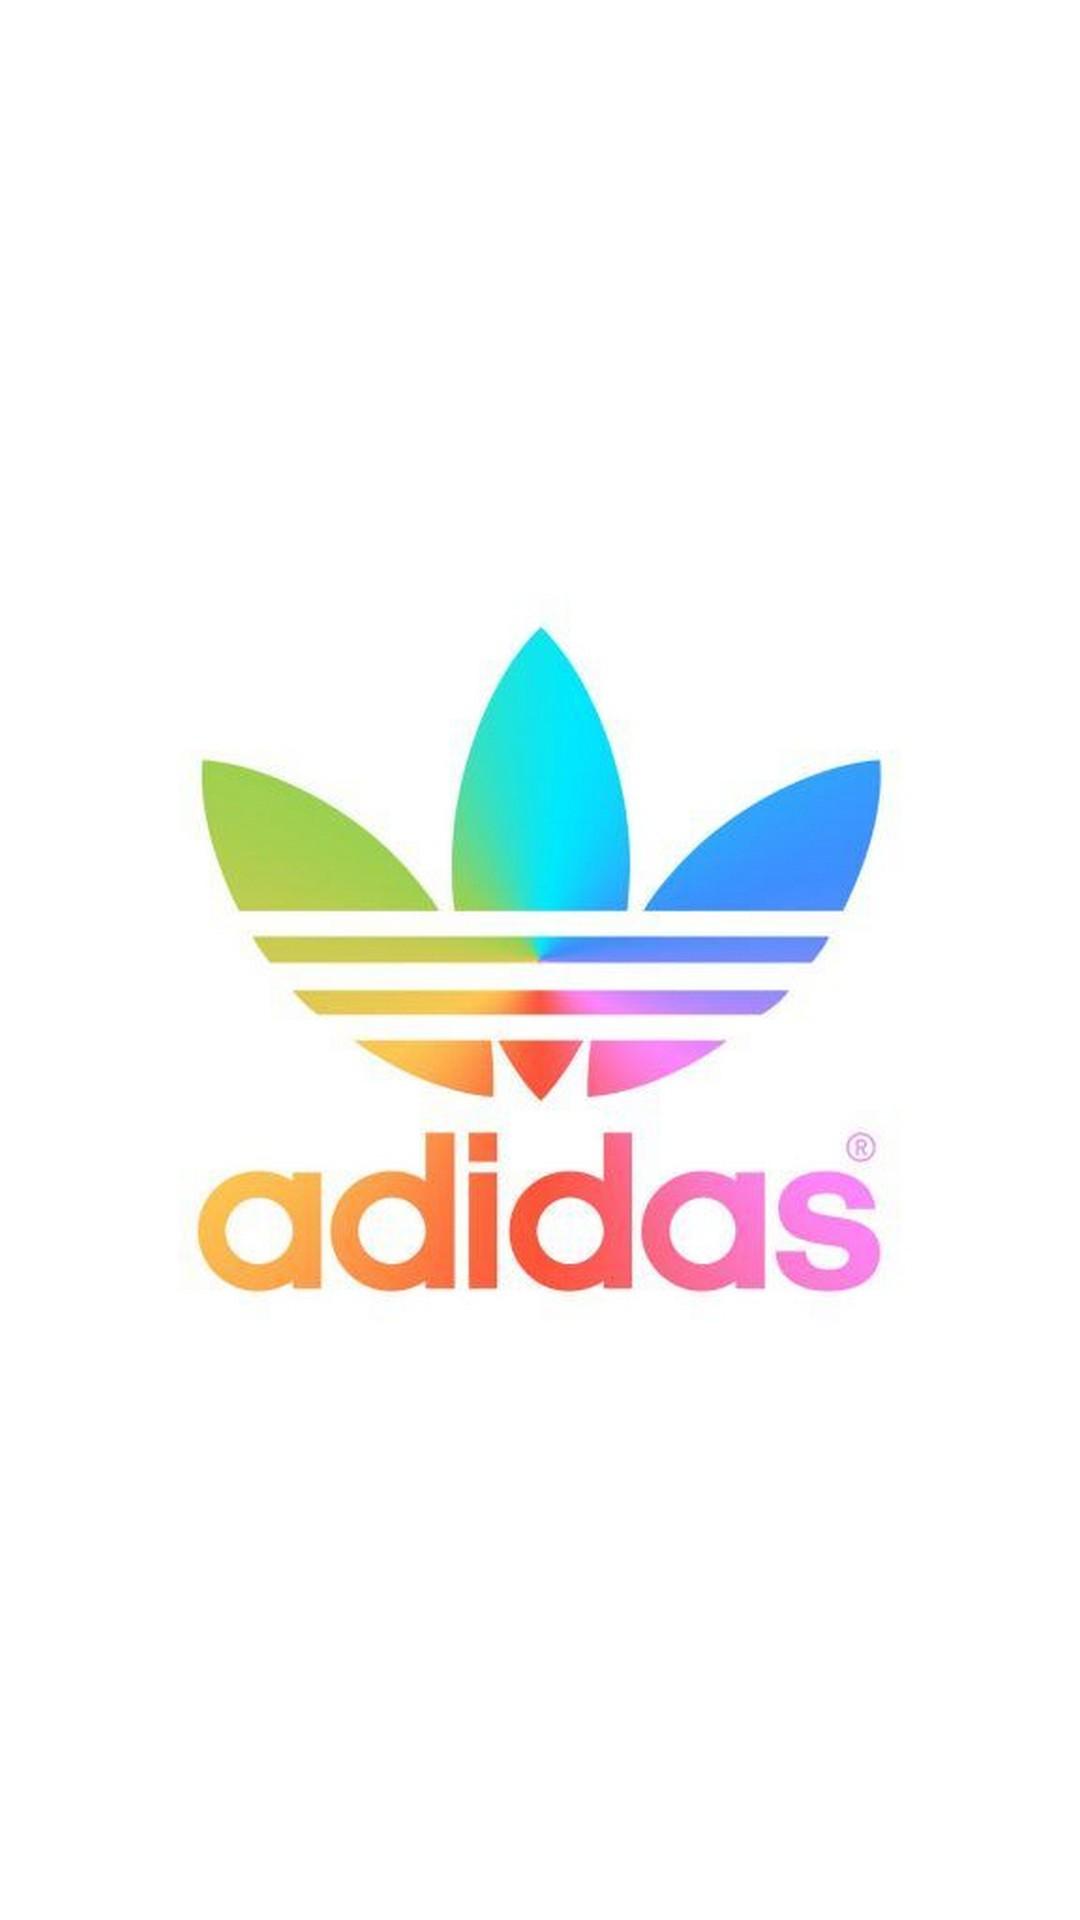 Android Wallpaper HD Adidas